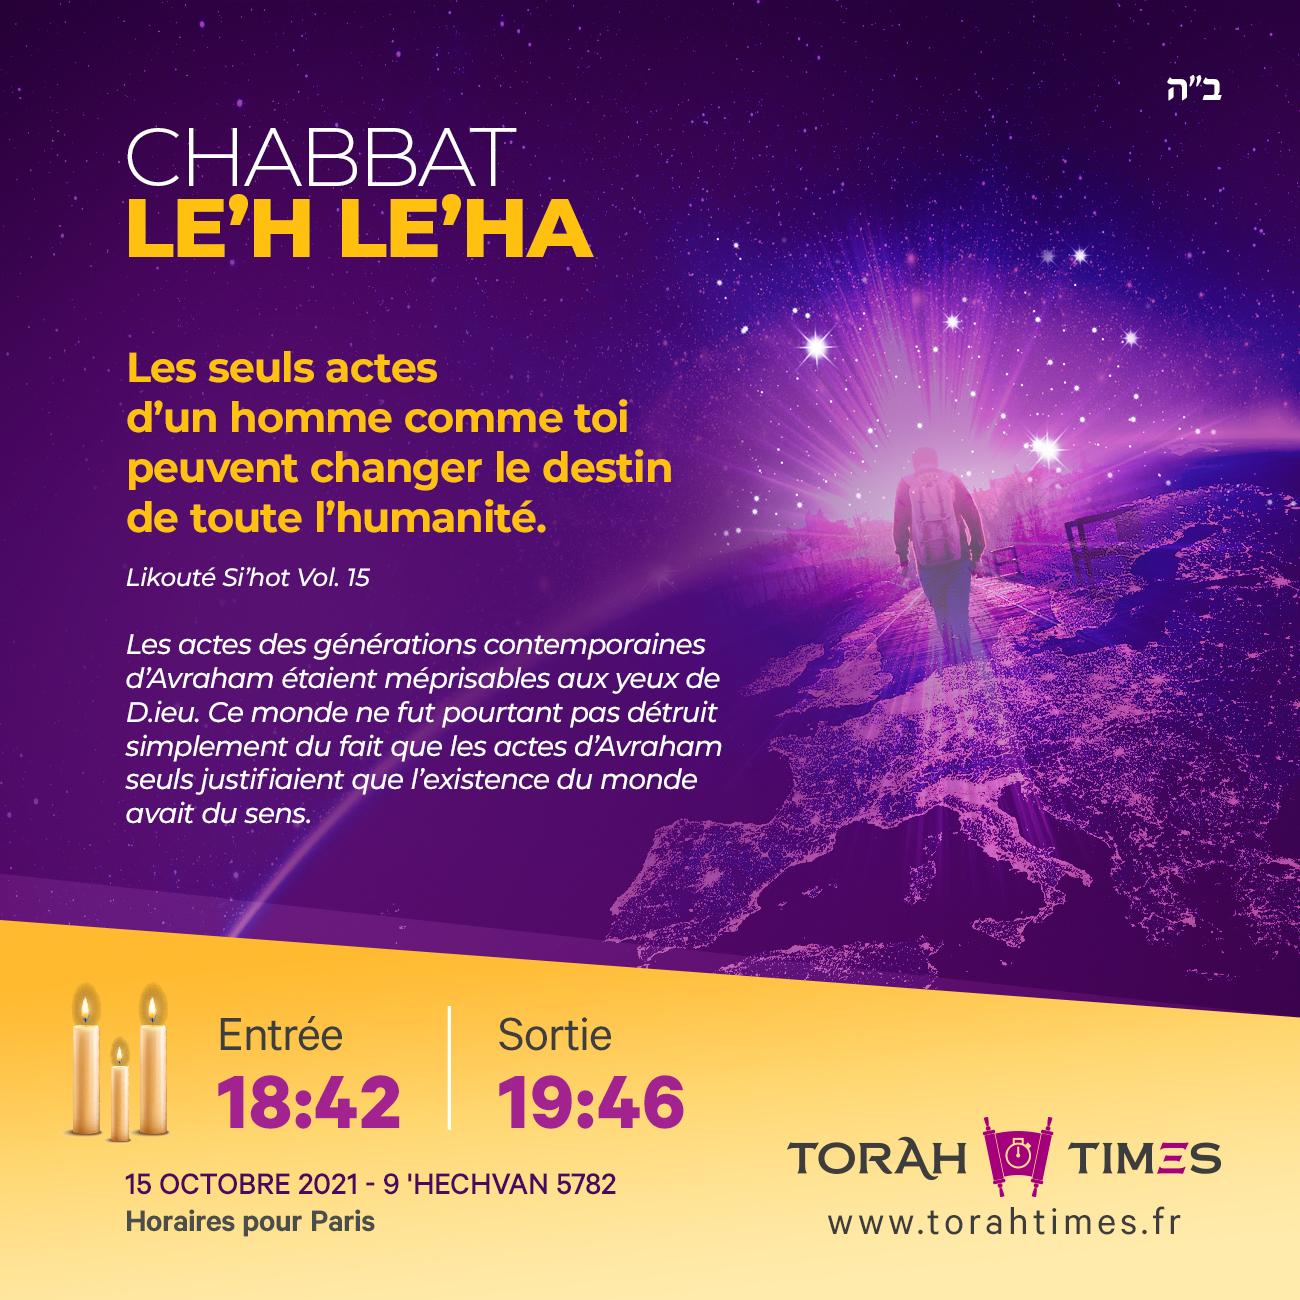 Chabbat Le'h Le'ha